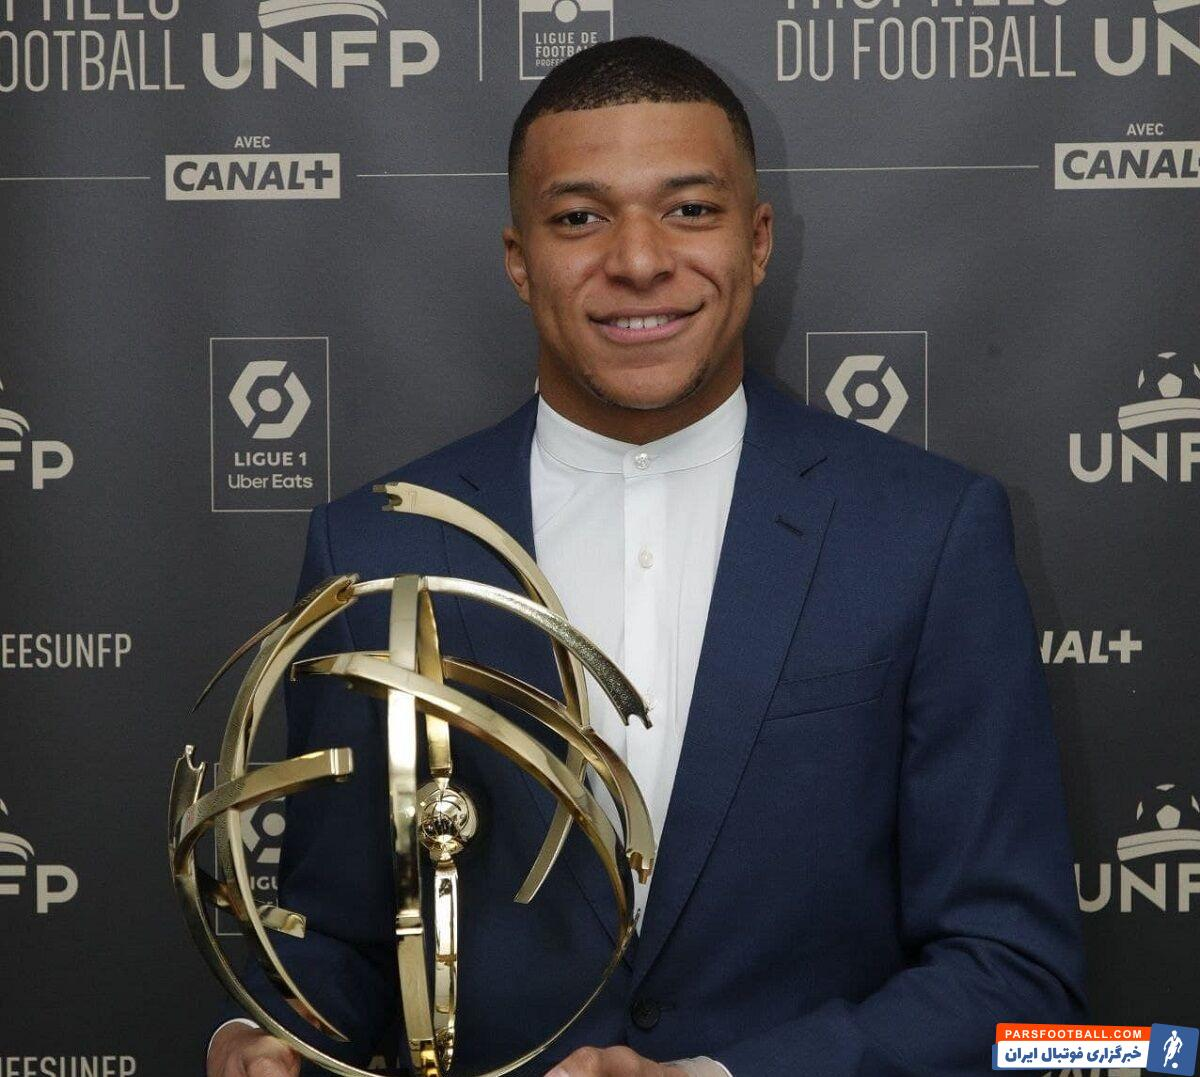 قبل از برگزاری هفته پایانی لیگ۱ فرانسه امباپه به عنوان برترین بازیکن فصل معرفی شد گالتیه به عنوان برترین سرمربی فصل لیگ فرانسه انتخاب شد.